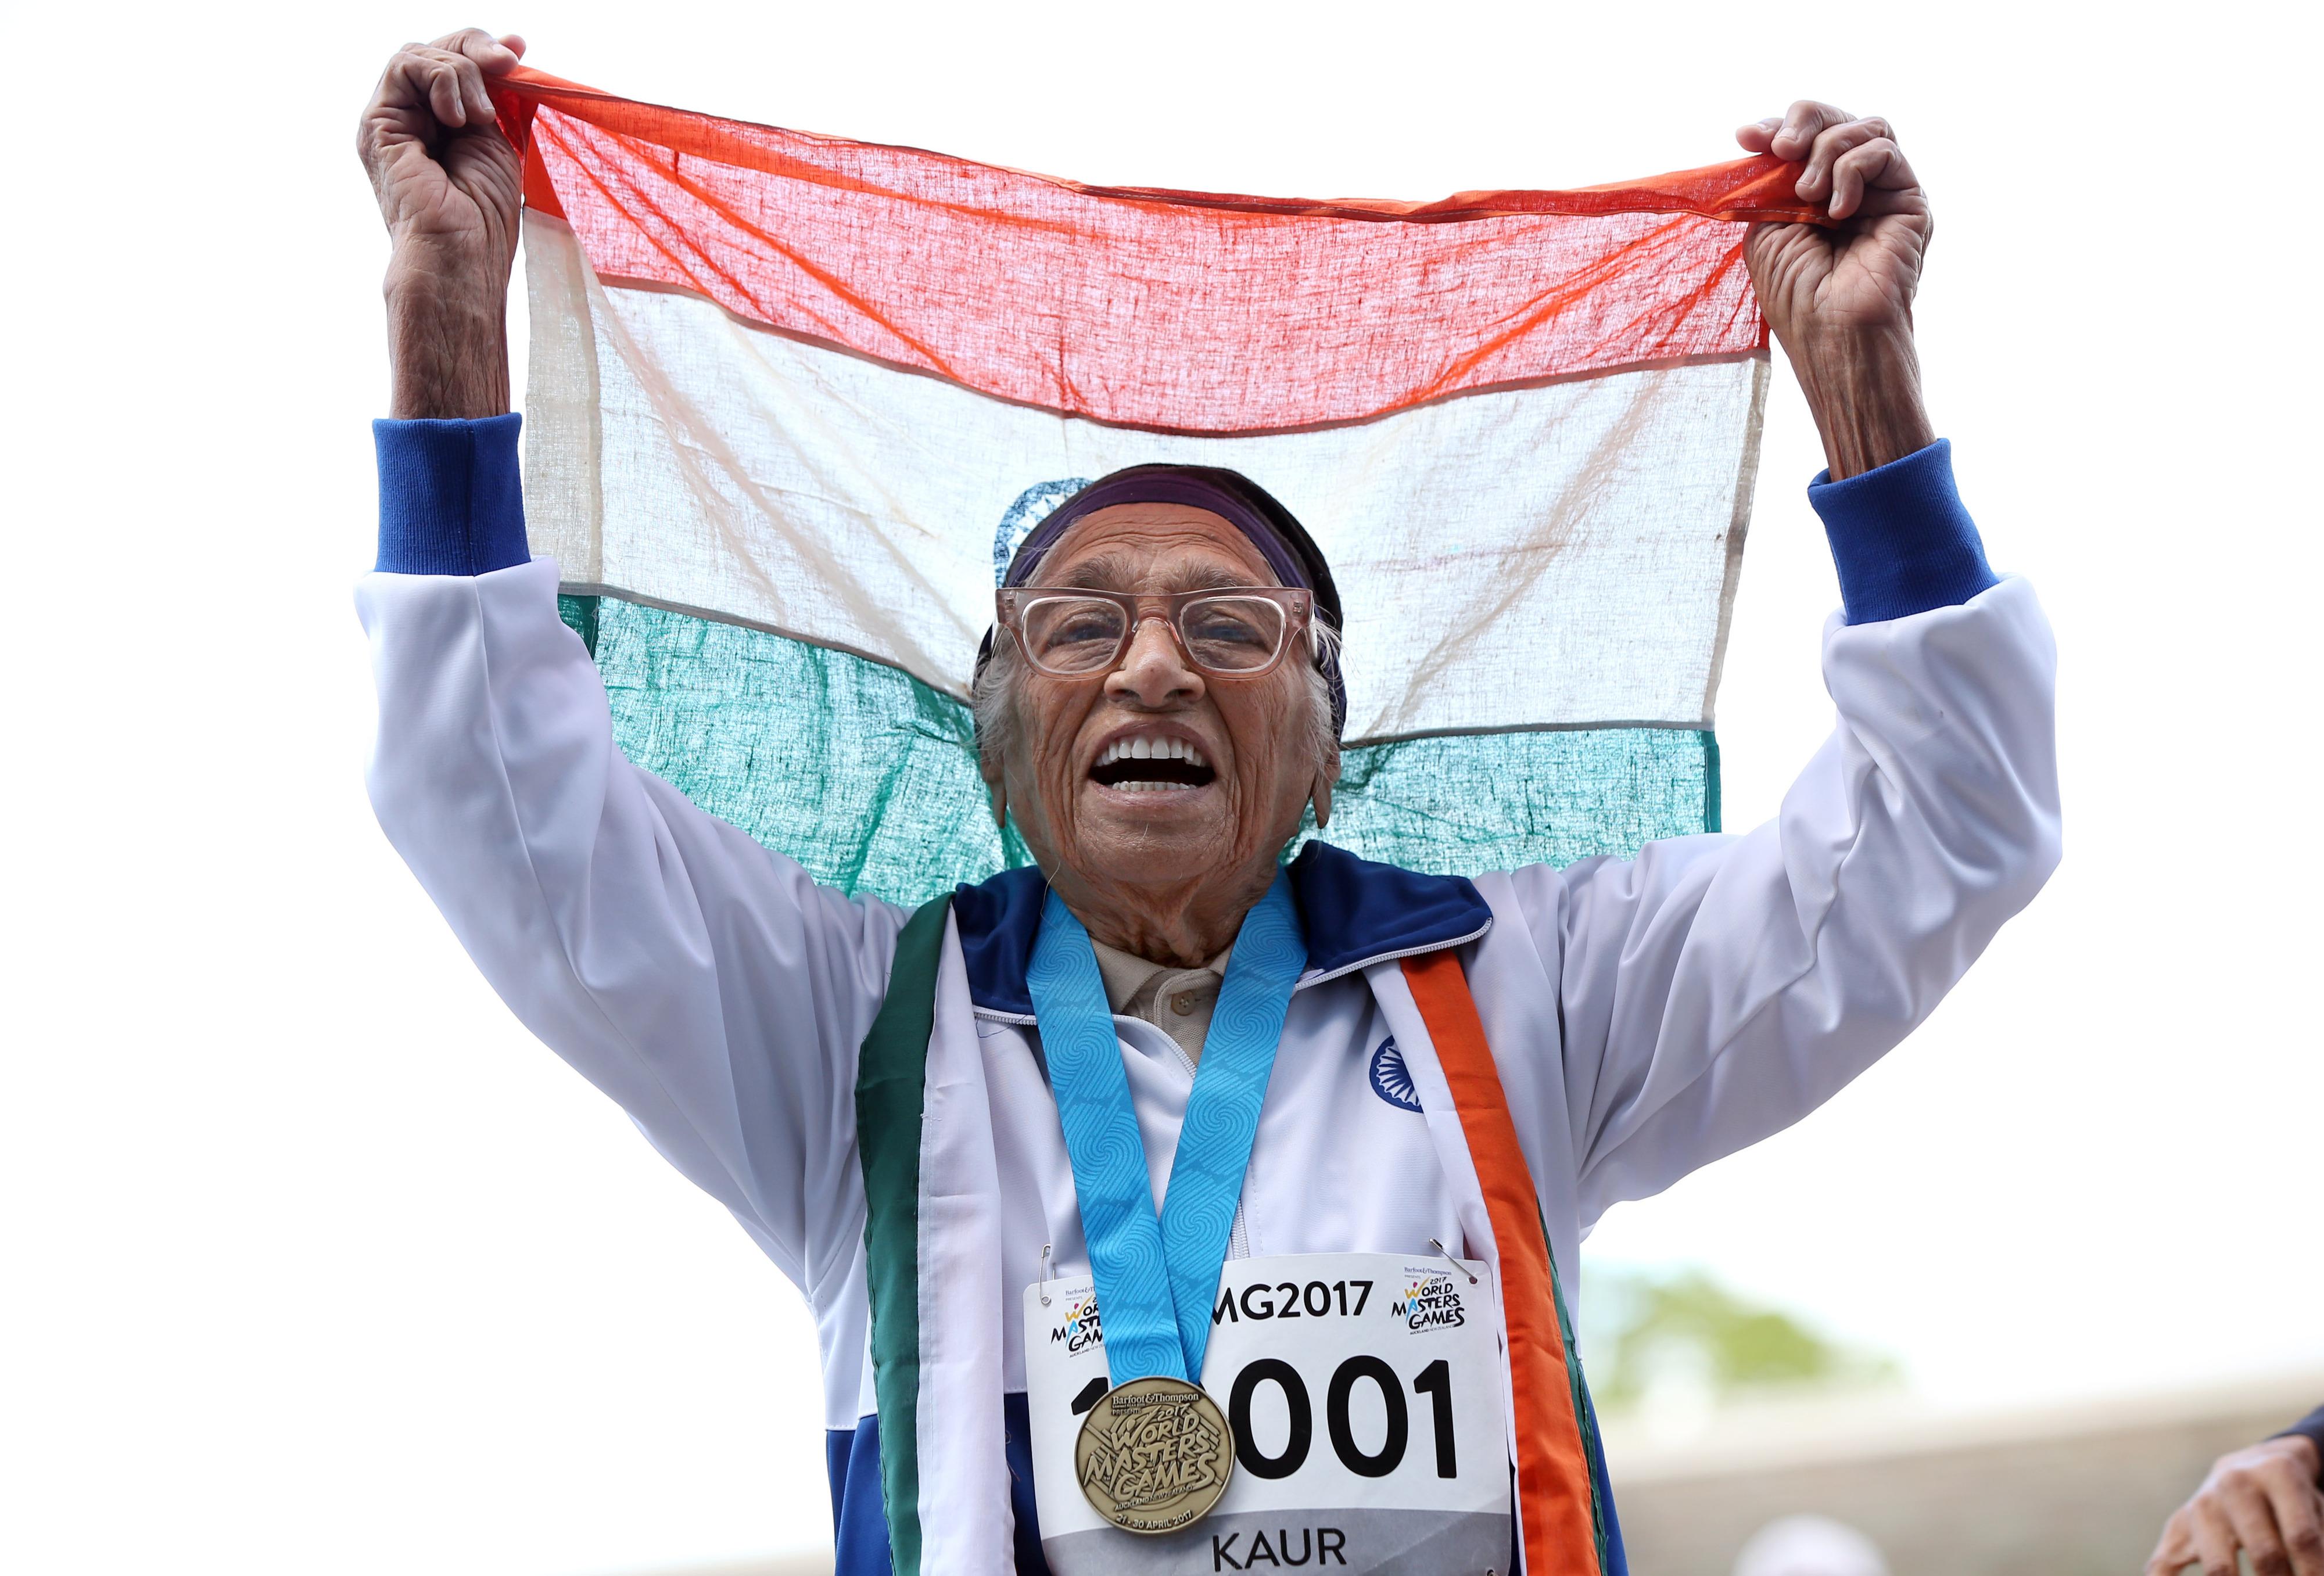 Atleta de 101 anos conquista medalha de ouro no campeonato do mundo